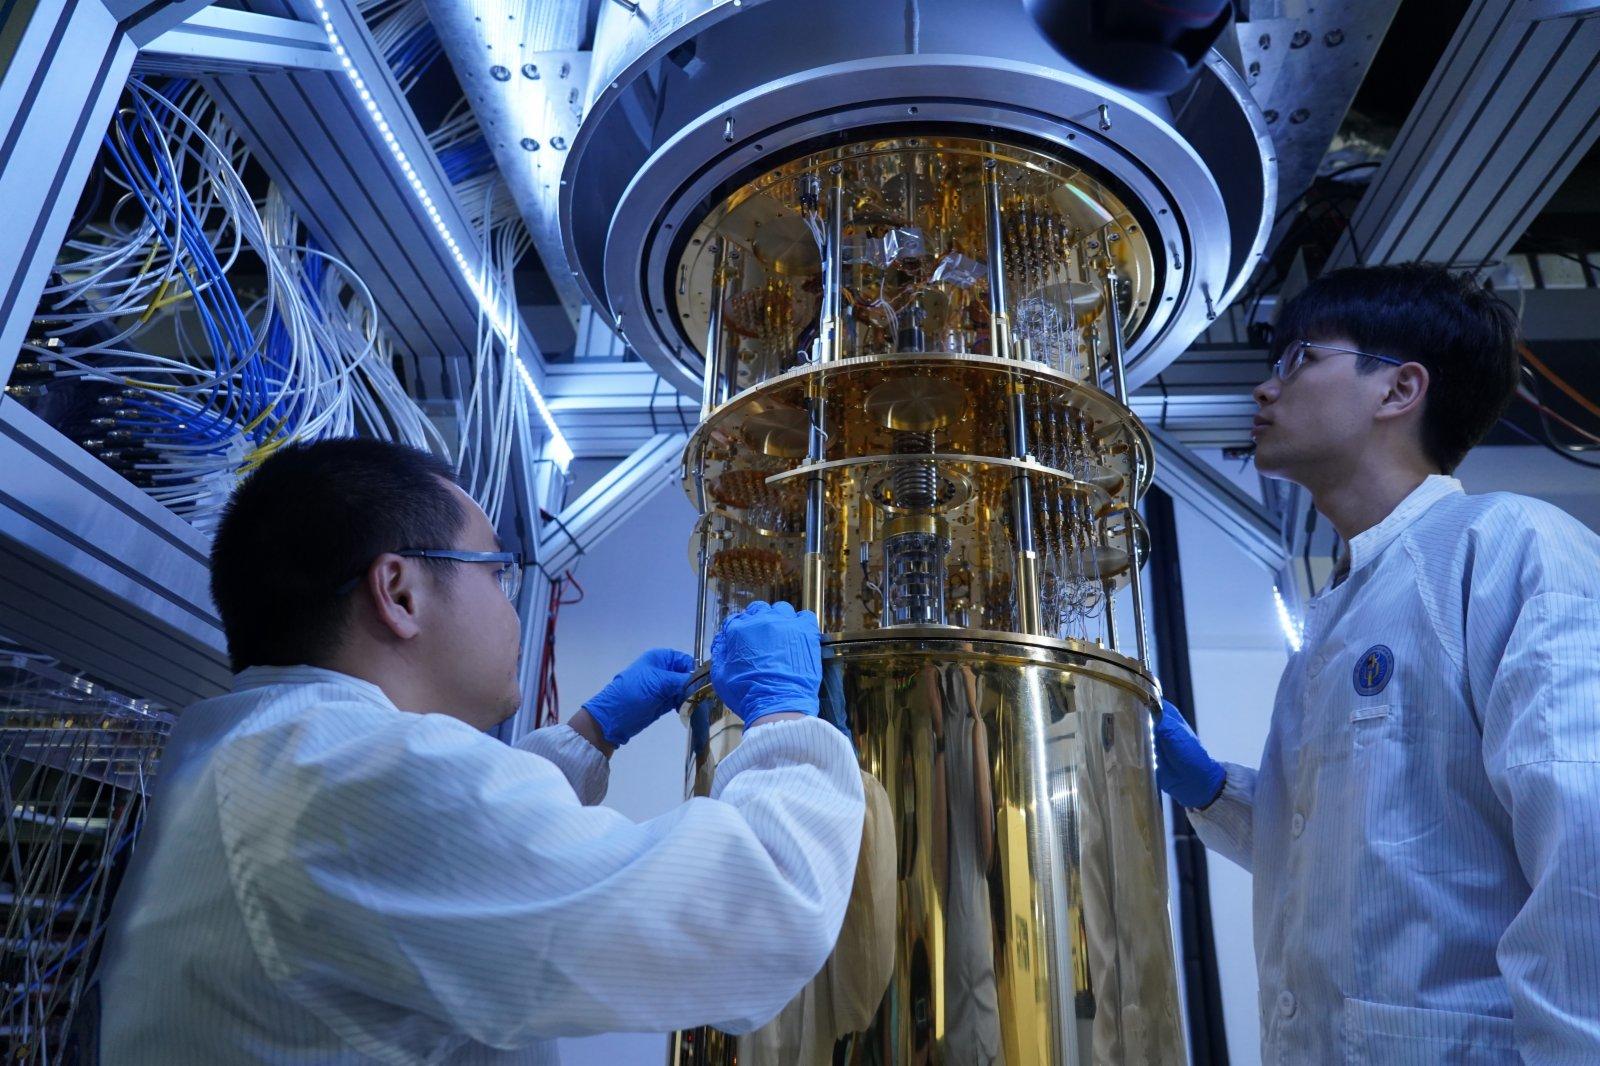 國際量子研究院技術人員在稀釋製冷機旁工作。(胡永愛攝)